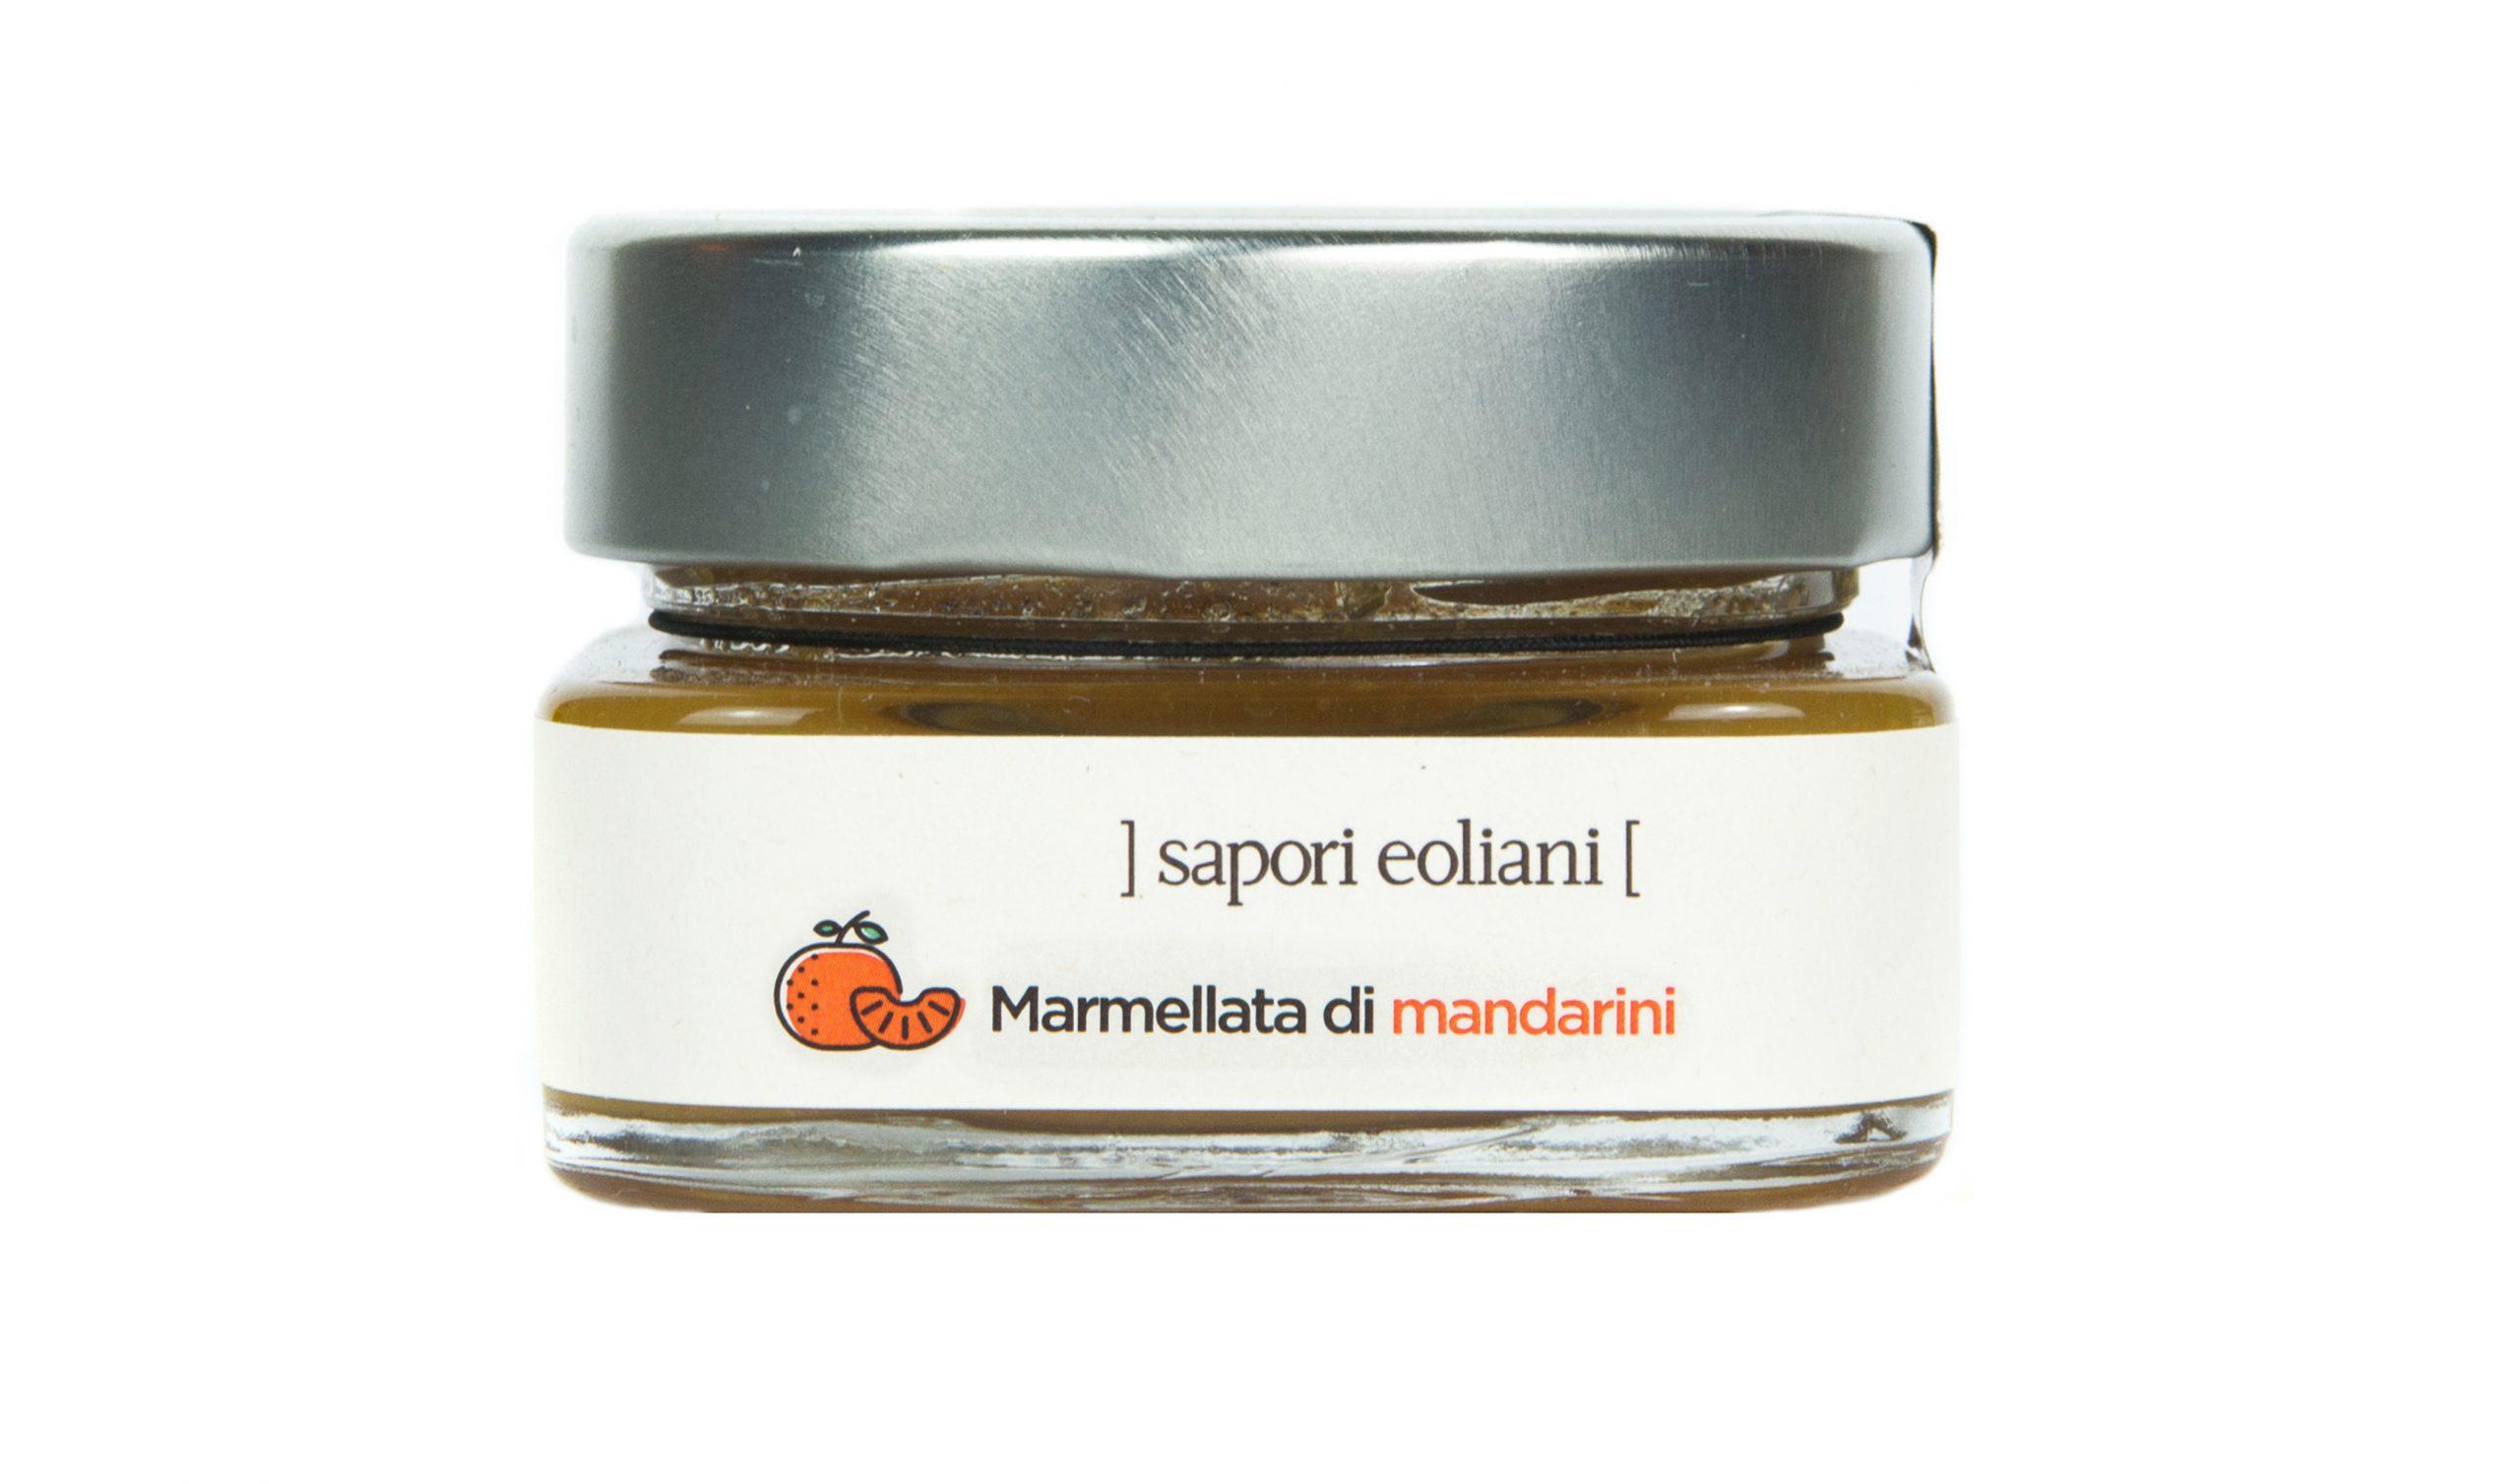 Sapori Eoliani identità visiva azienda di Salina - Marmellata mandarini